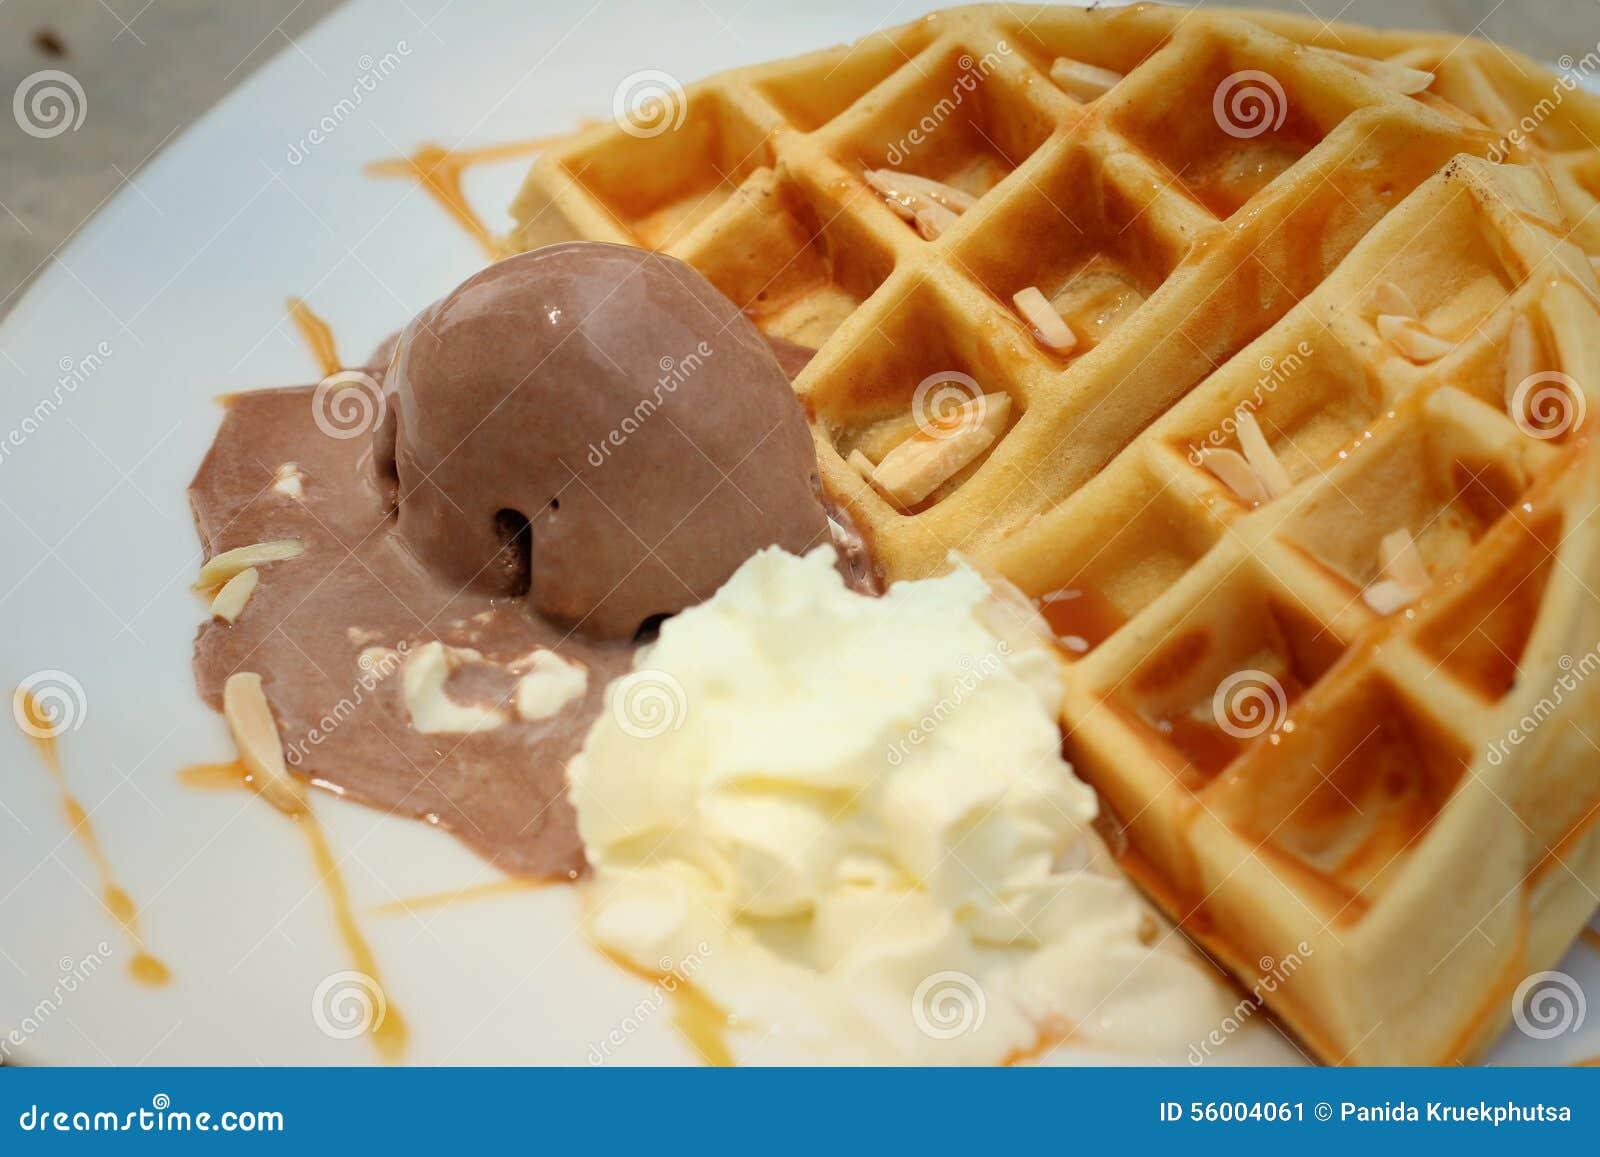 Belgien Waffeln Mit Eiscreme Am Kuchen Kaufen Stockbild Bild Von